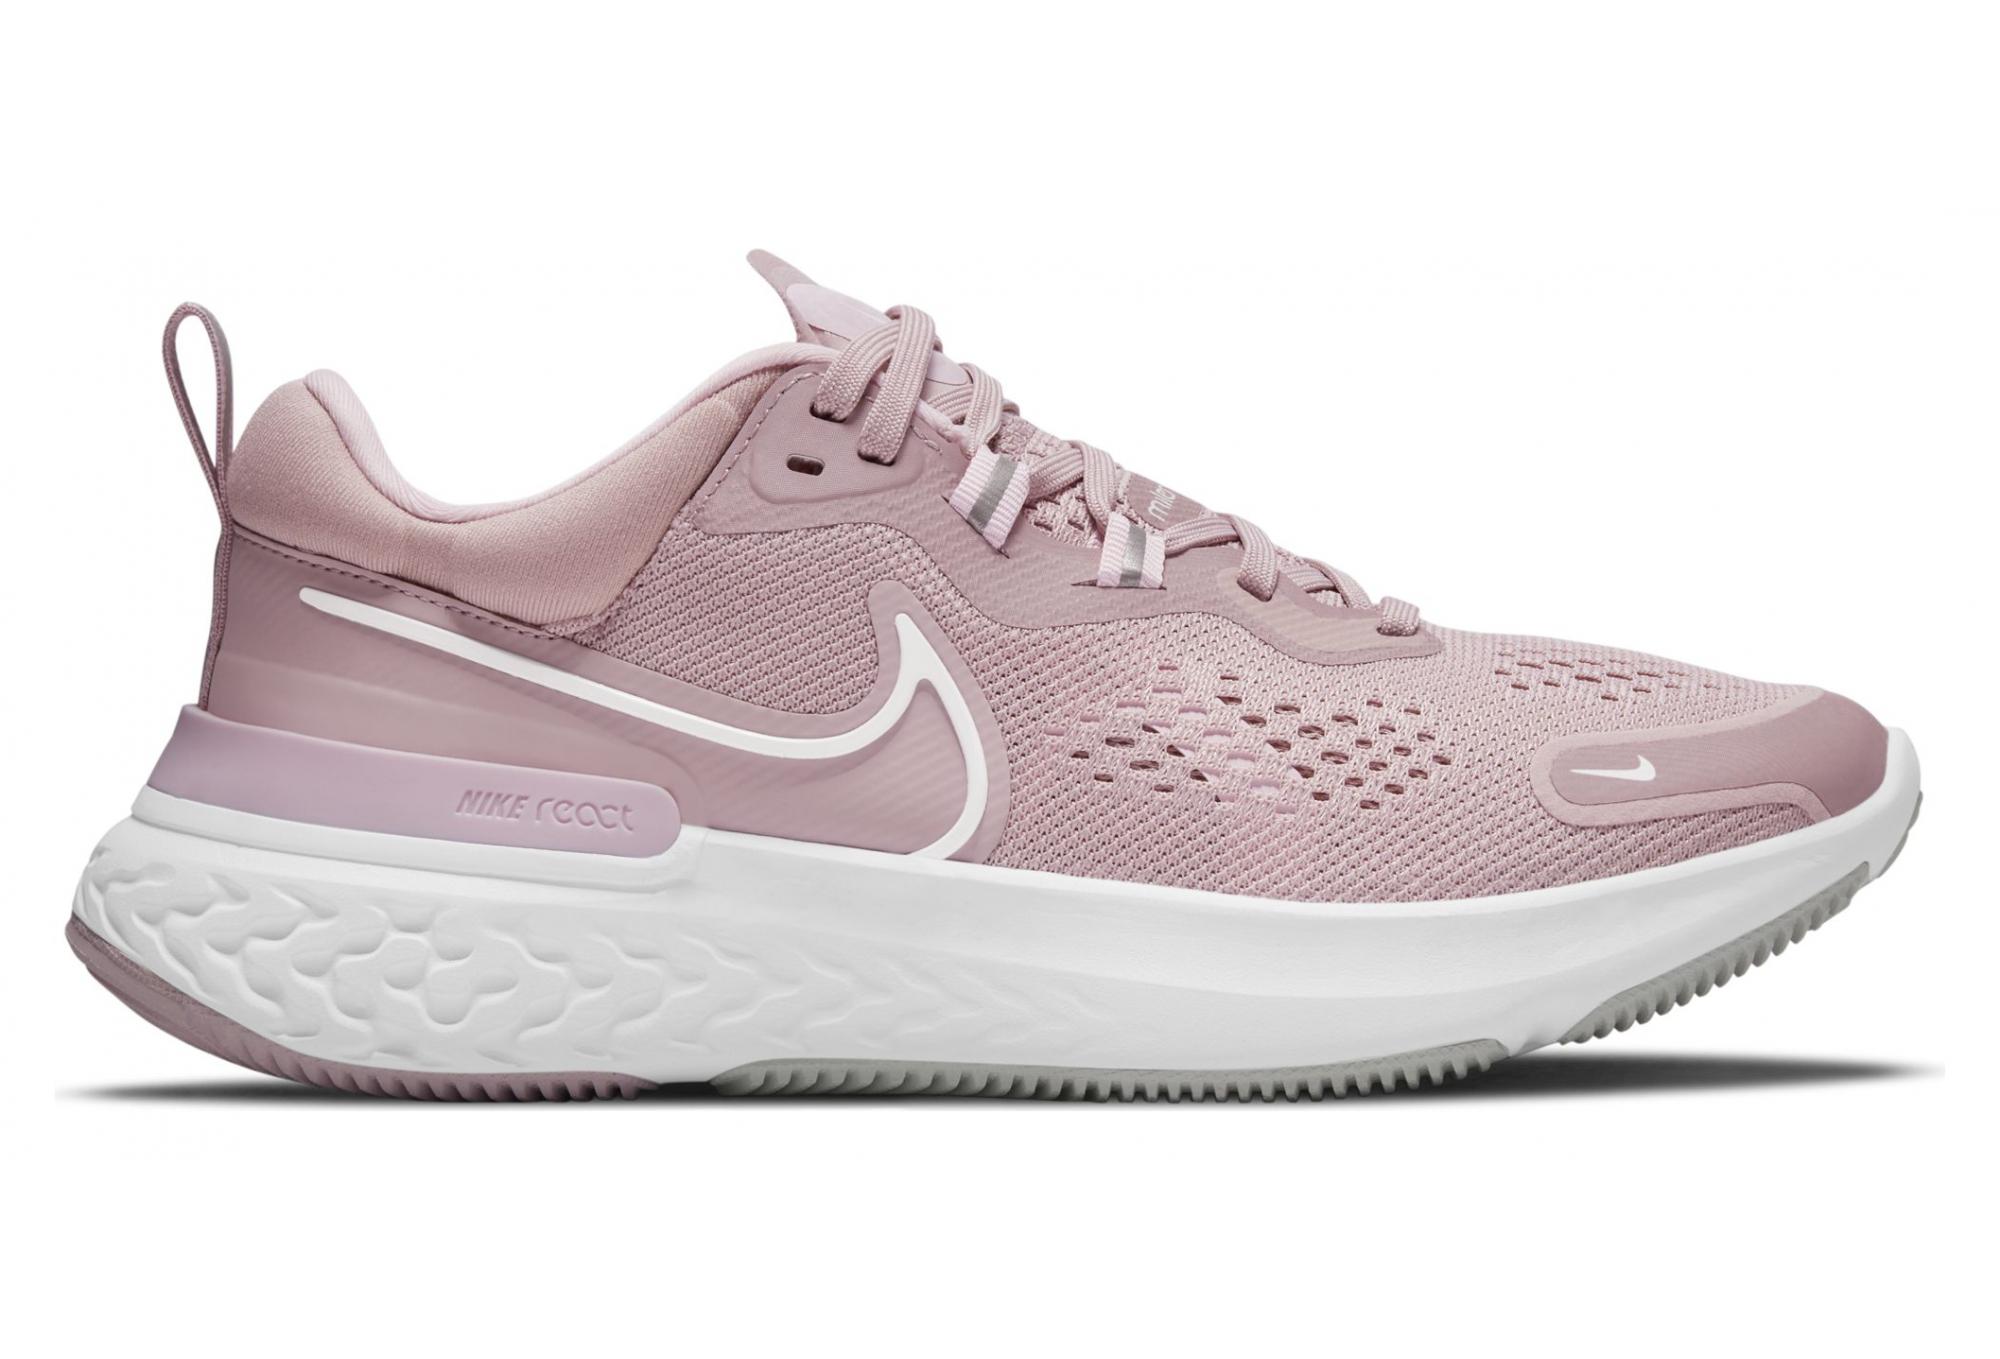 Chaussures de Running Femme Nike React Miler 2 Rose à partir de 87,99 € au lieu de 130,00 €